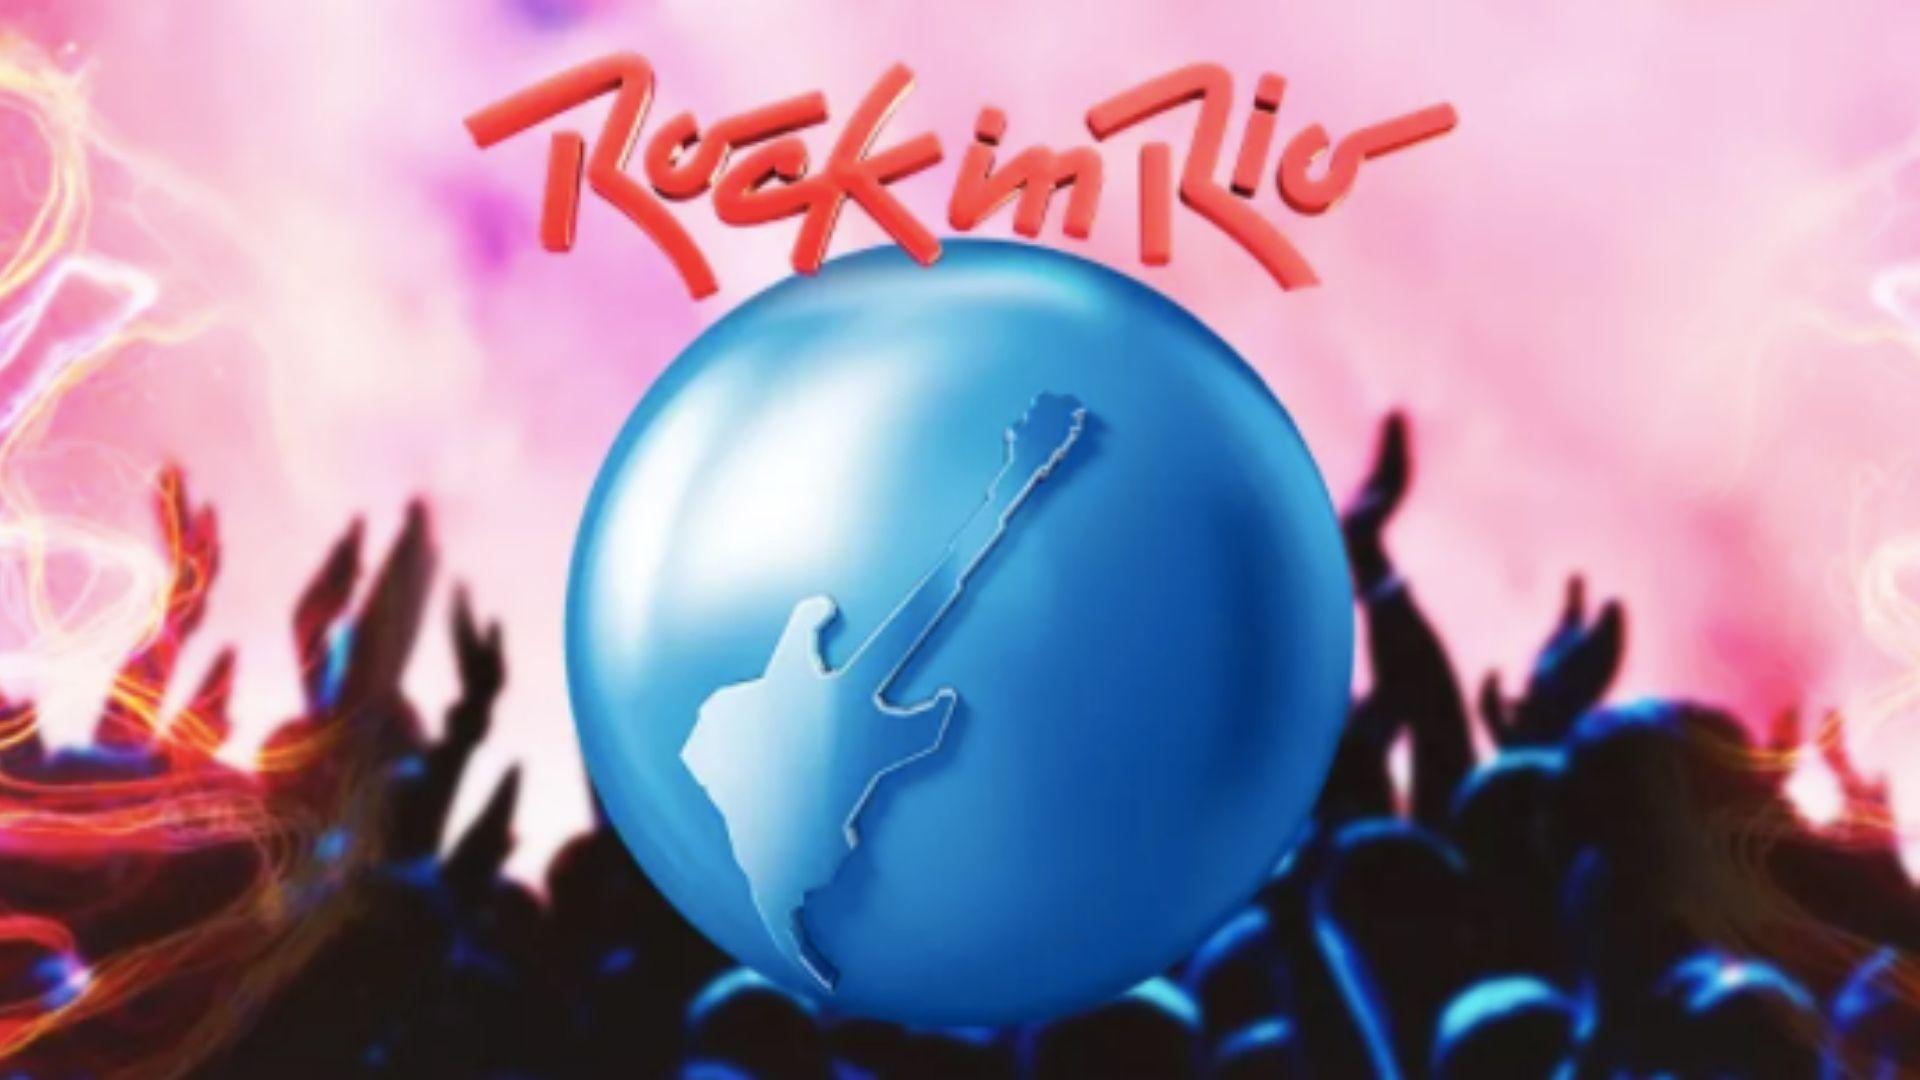 Rock In Rio anuncia datas oficiais da próxima edição, em 2021